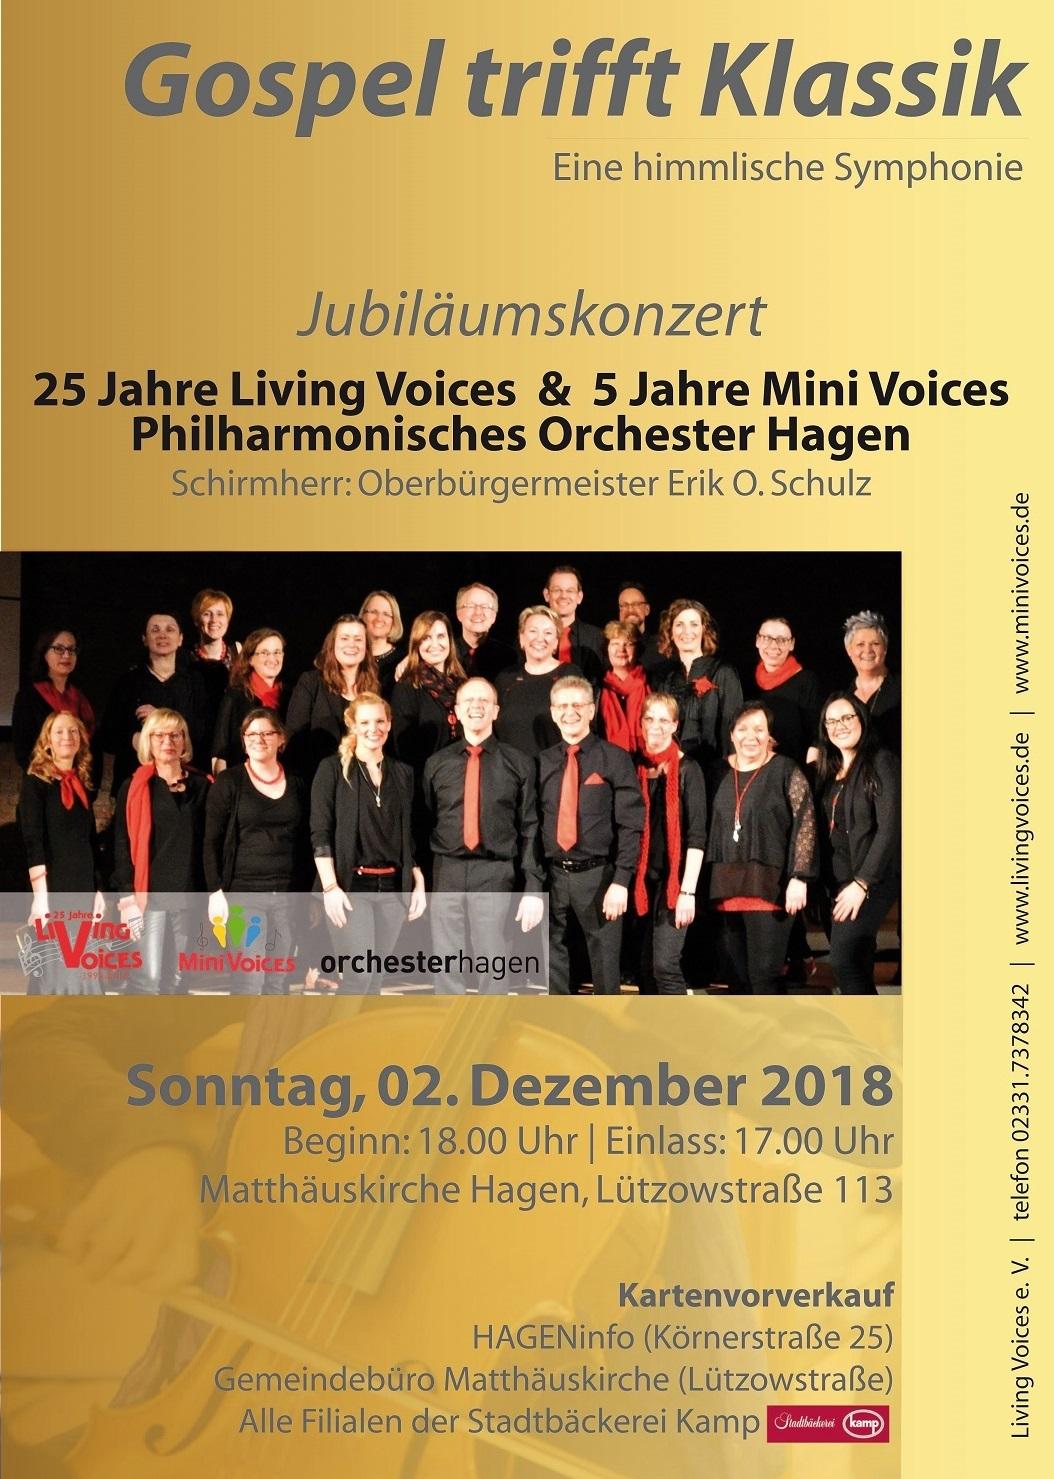 Living Voices blicken auf 25 Jahre Gospelmusik zurück